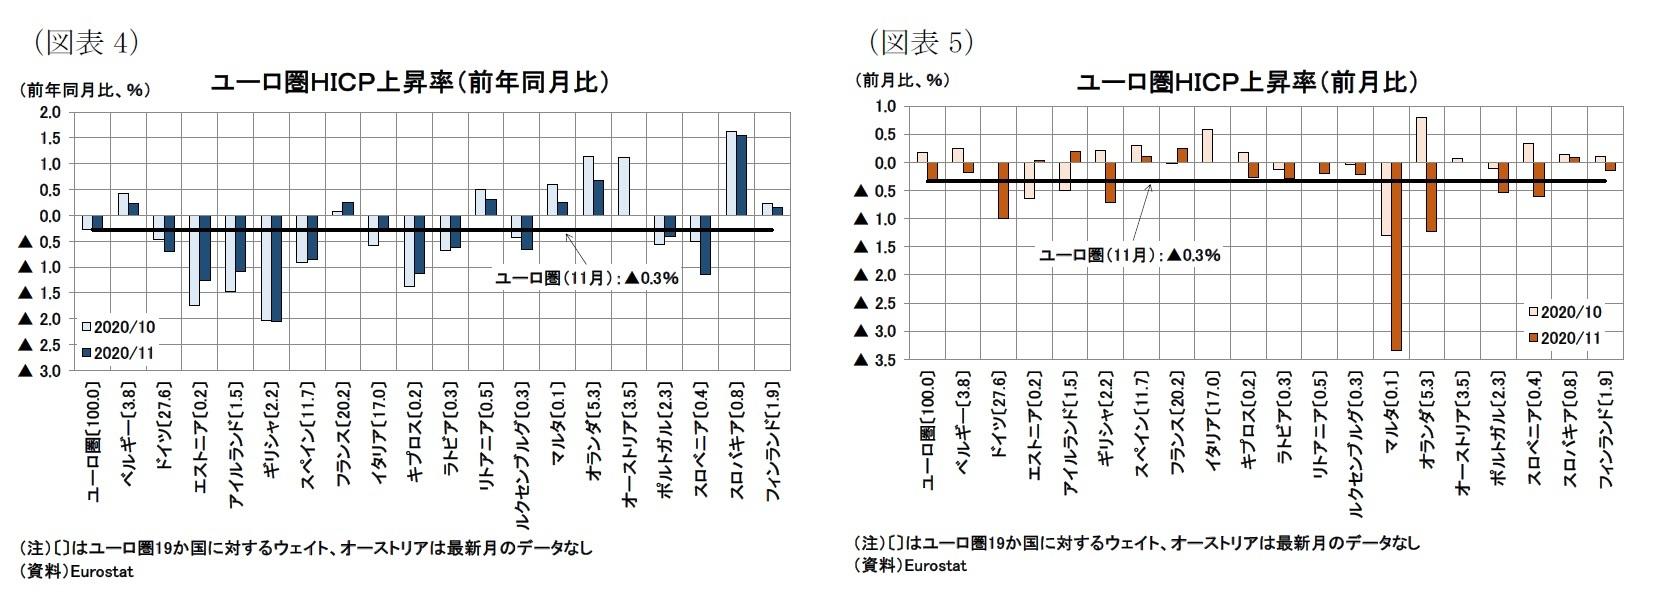 (図表4)ユーロ圏HICP上昇率(前年同月比)/(図表5)